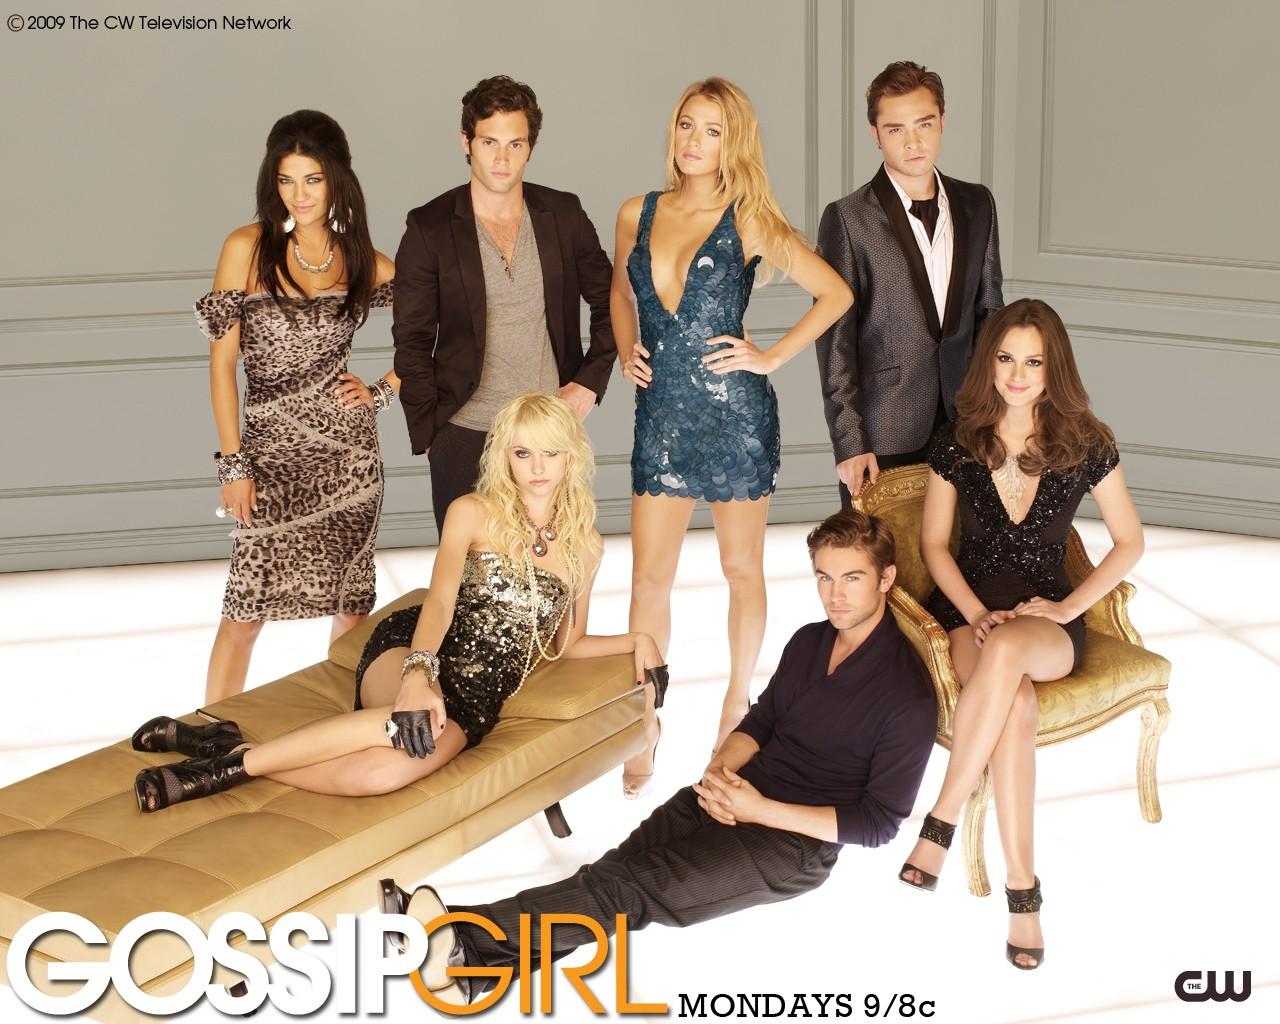 Un wallpaper del cast principale della stagione 3 di Gossip Girl